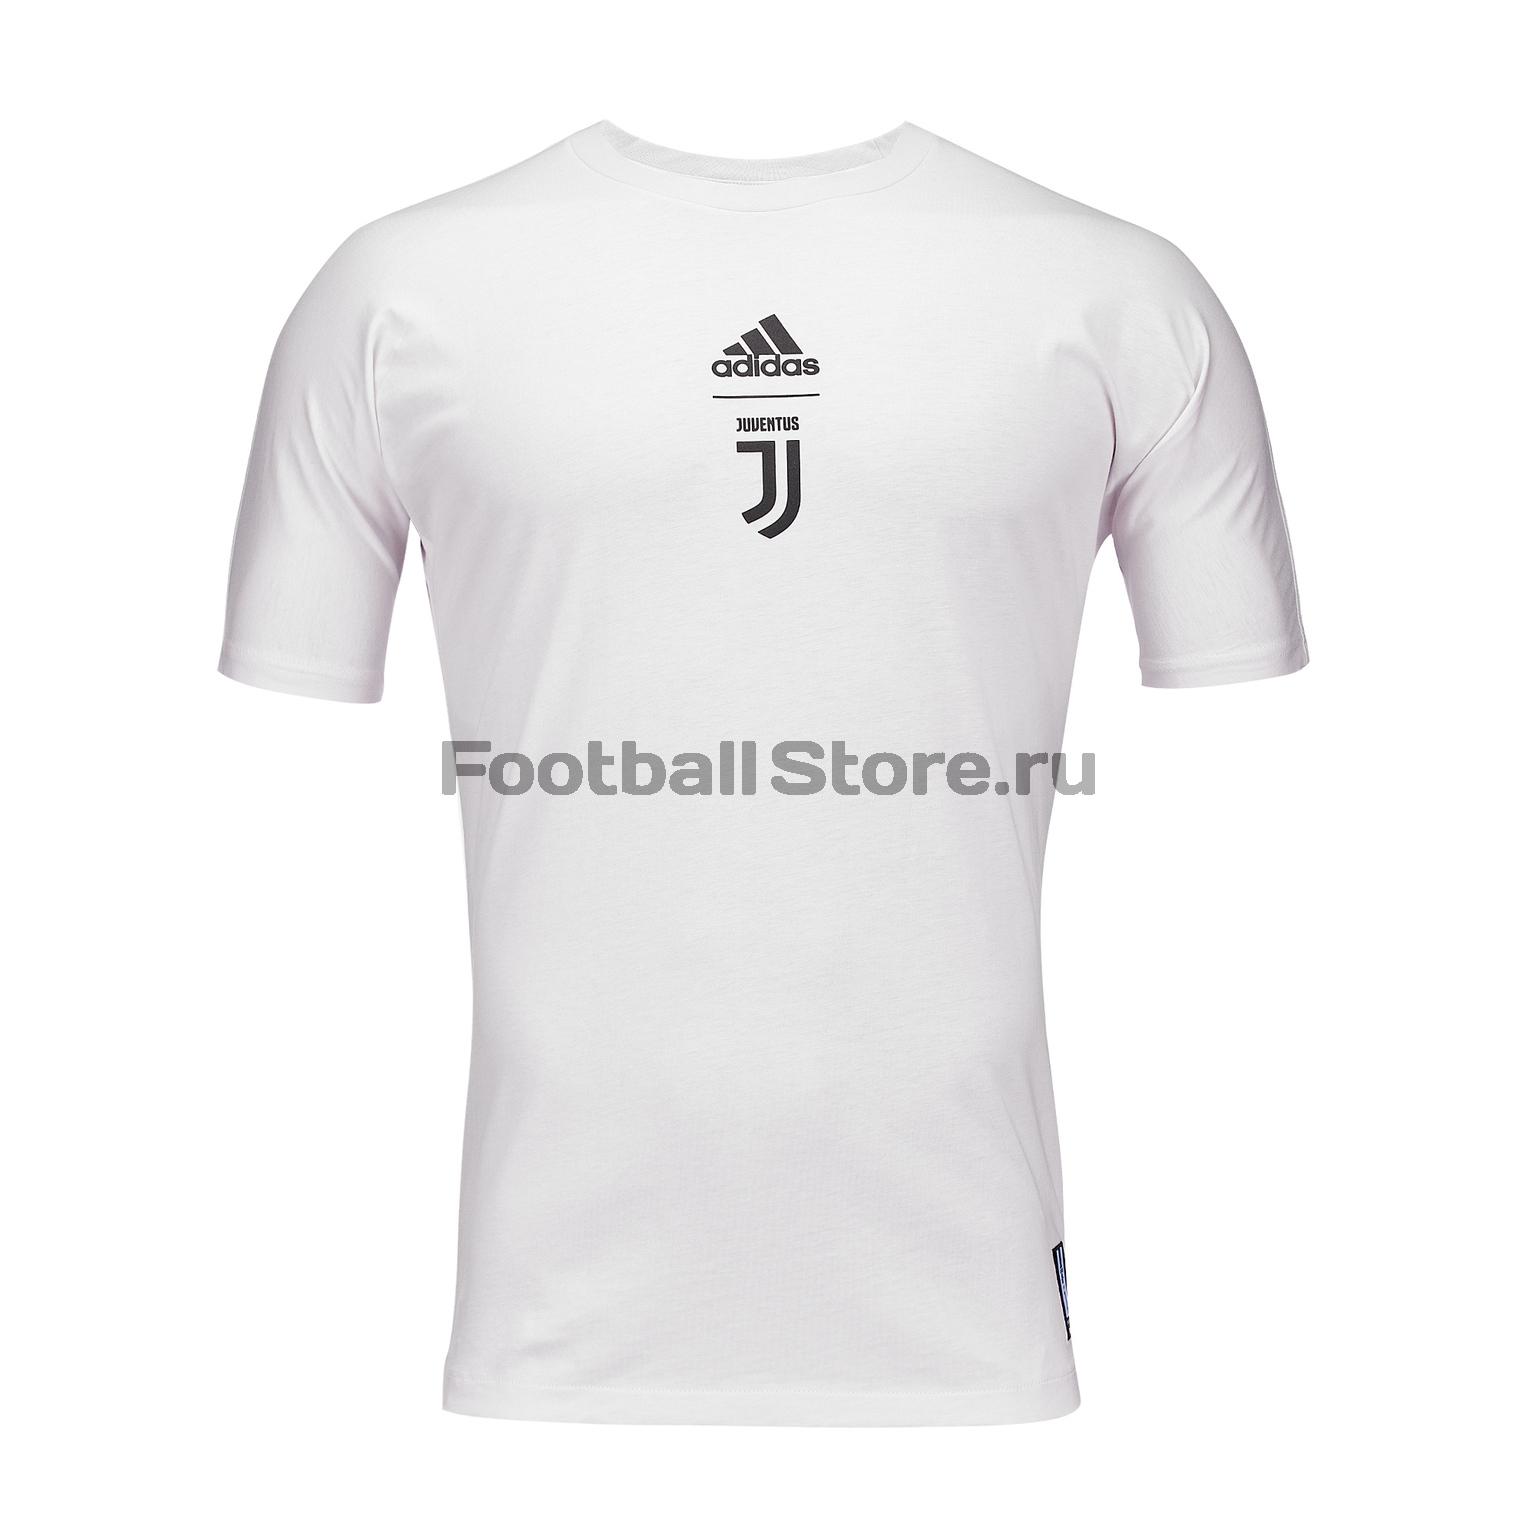 Футболка хлопковая Adidas Juventus SSP Tee DP3925 все цены